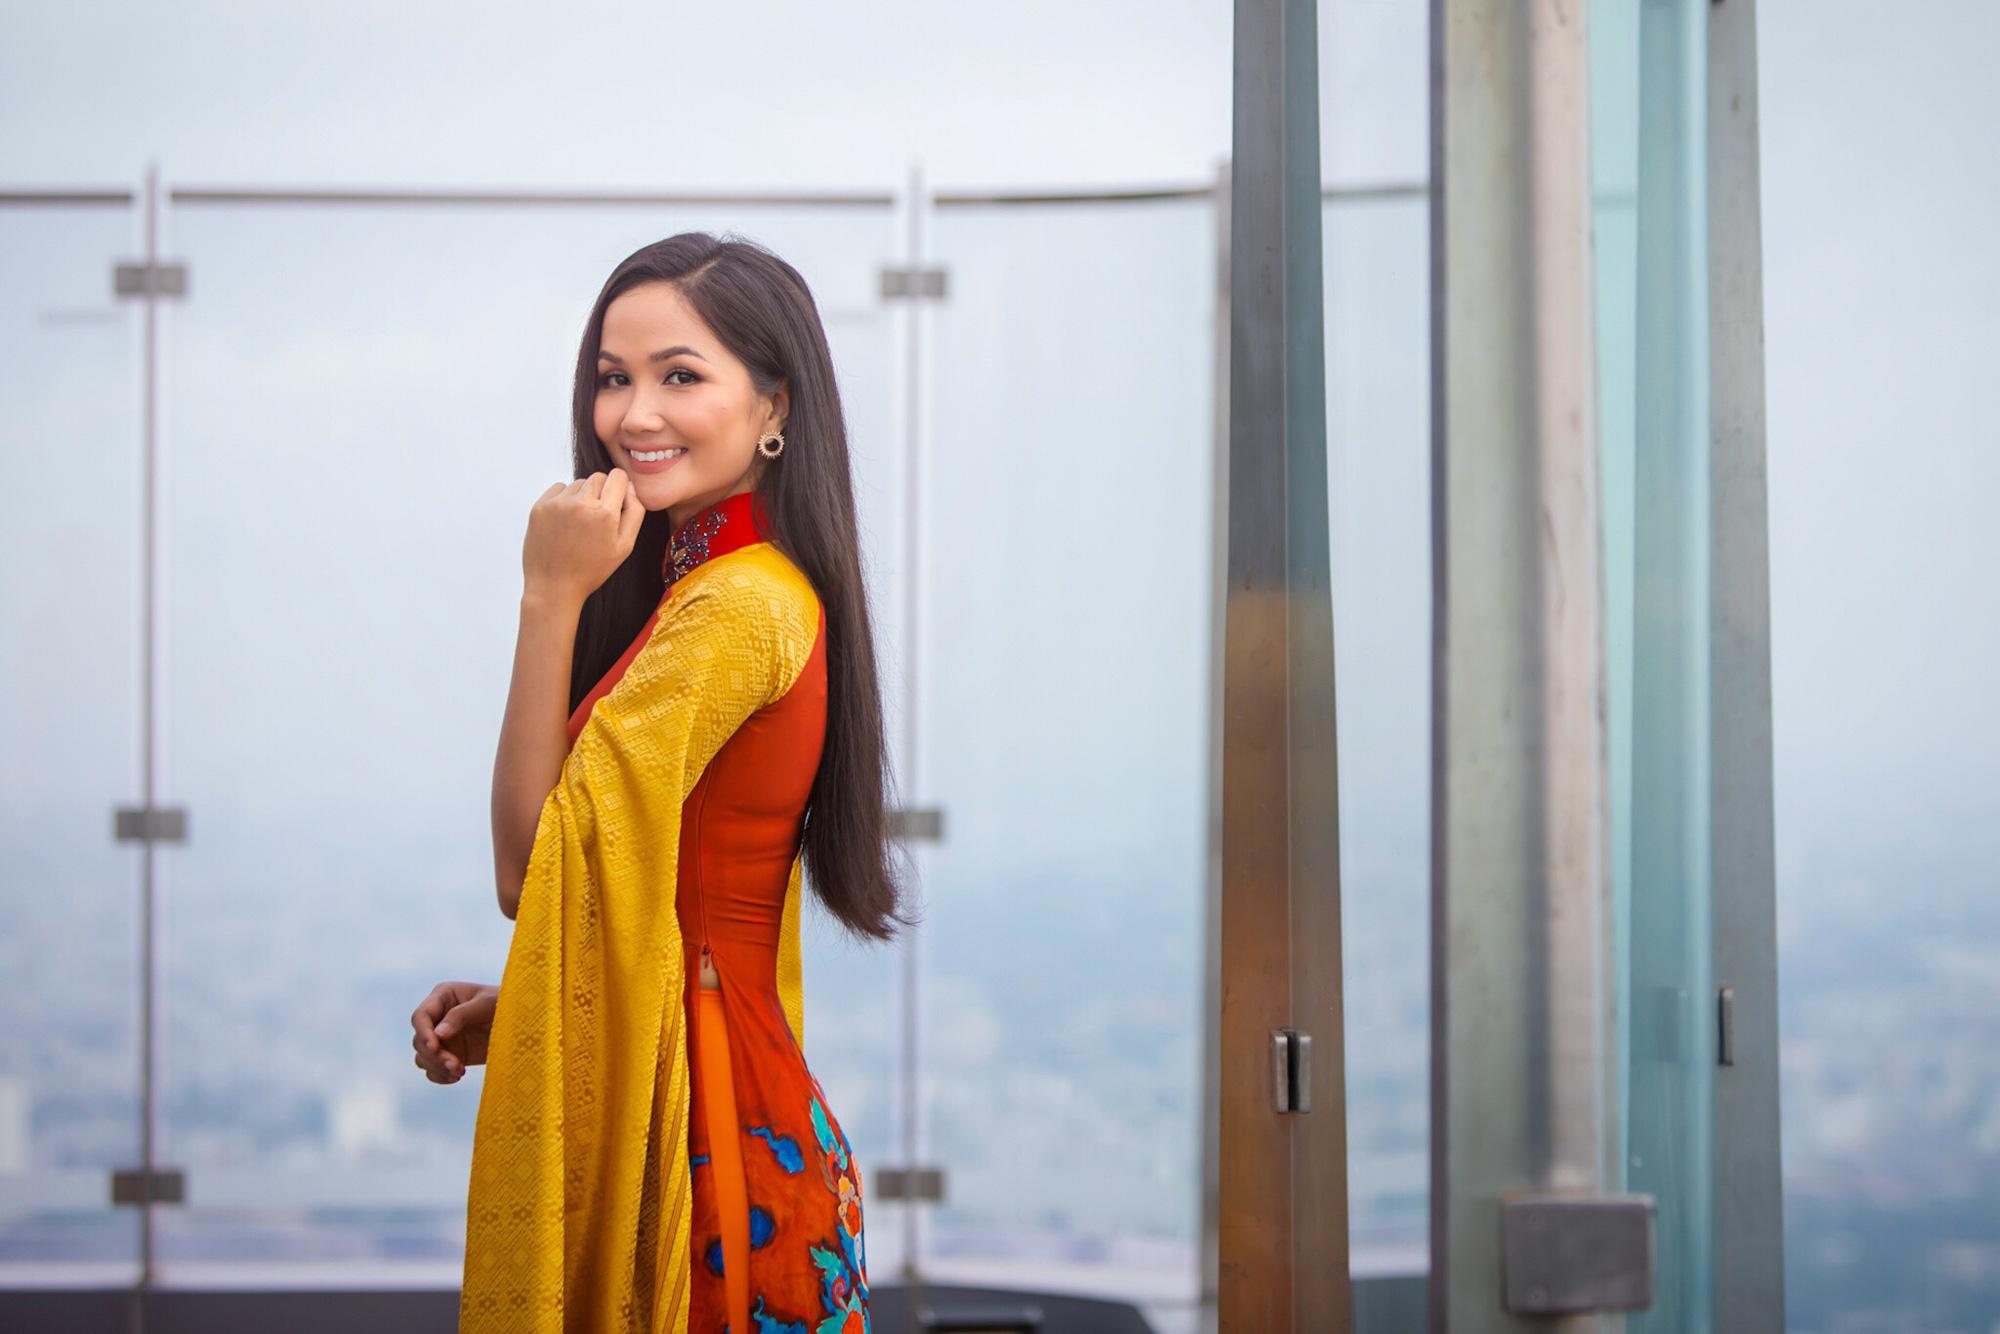 Hoa hậu H'Hen Niê diện áo dài, quảng bá du lịch trên tòa nhà cao nhất Việt Nam - Ảnh 4.